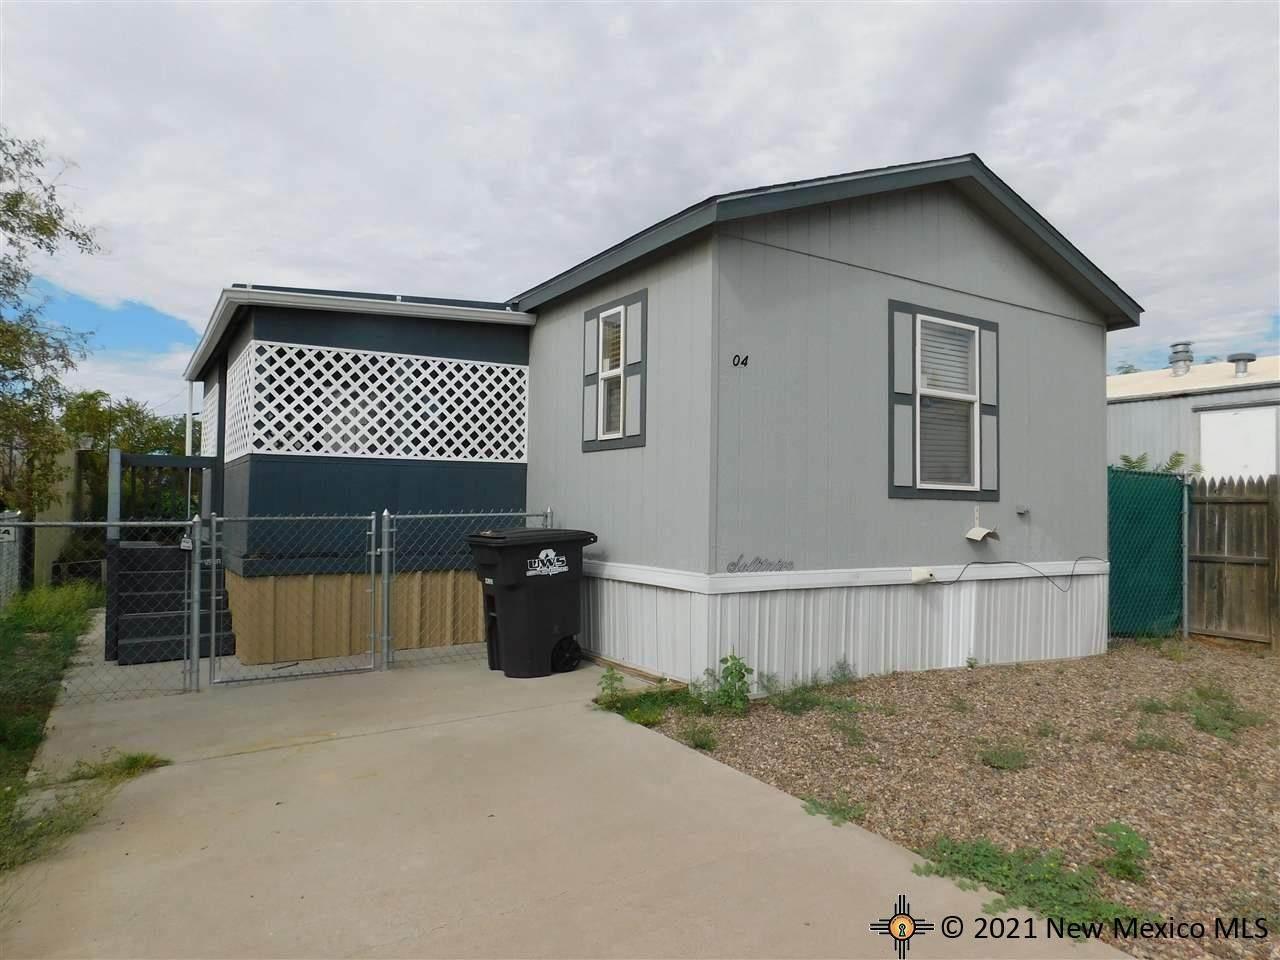 604 Acoma Court - Photo 1